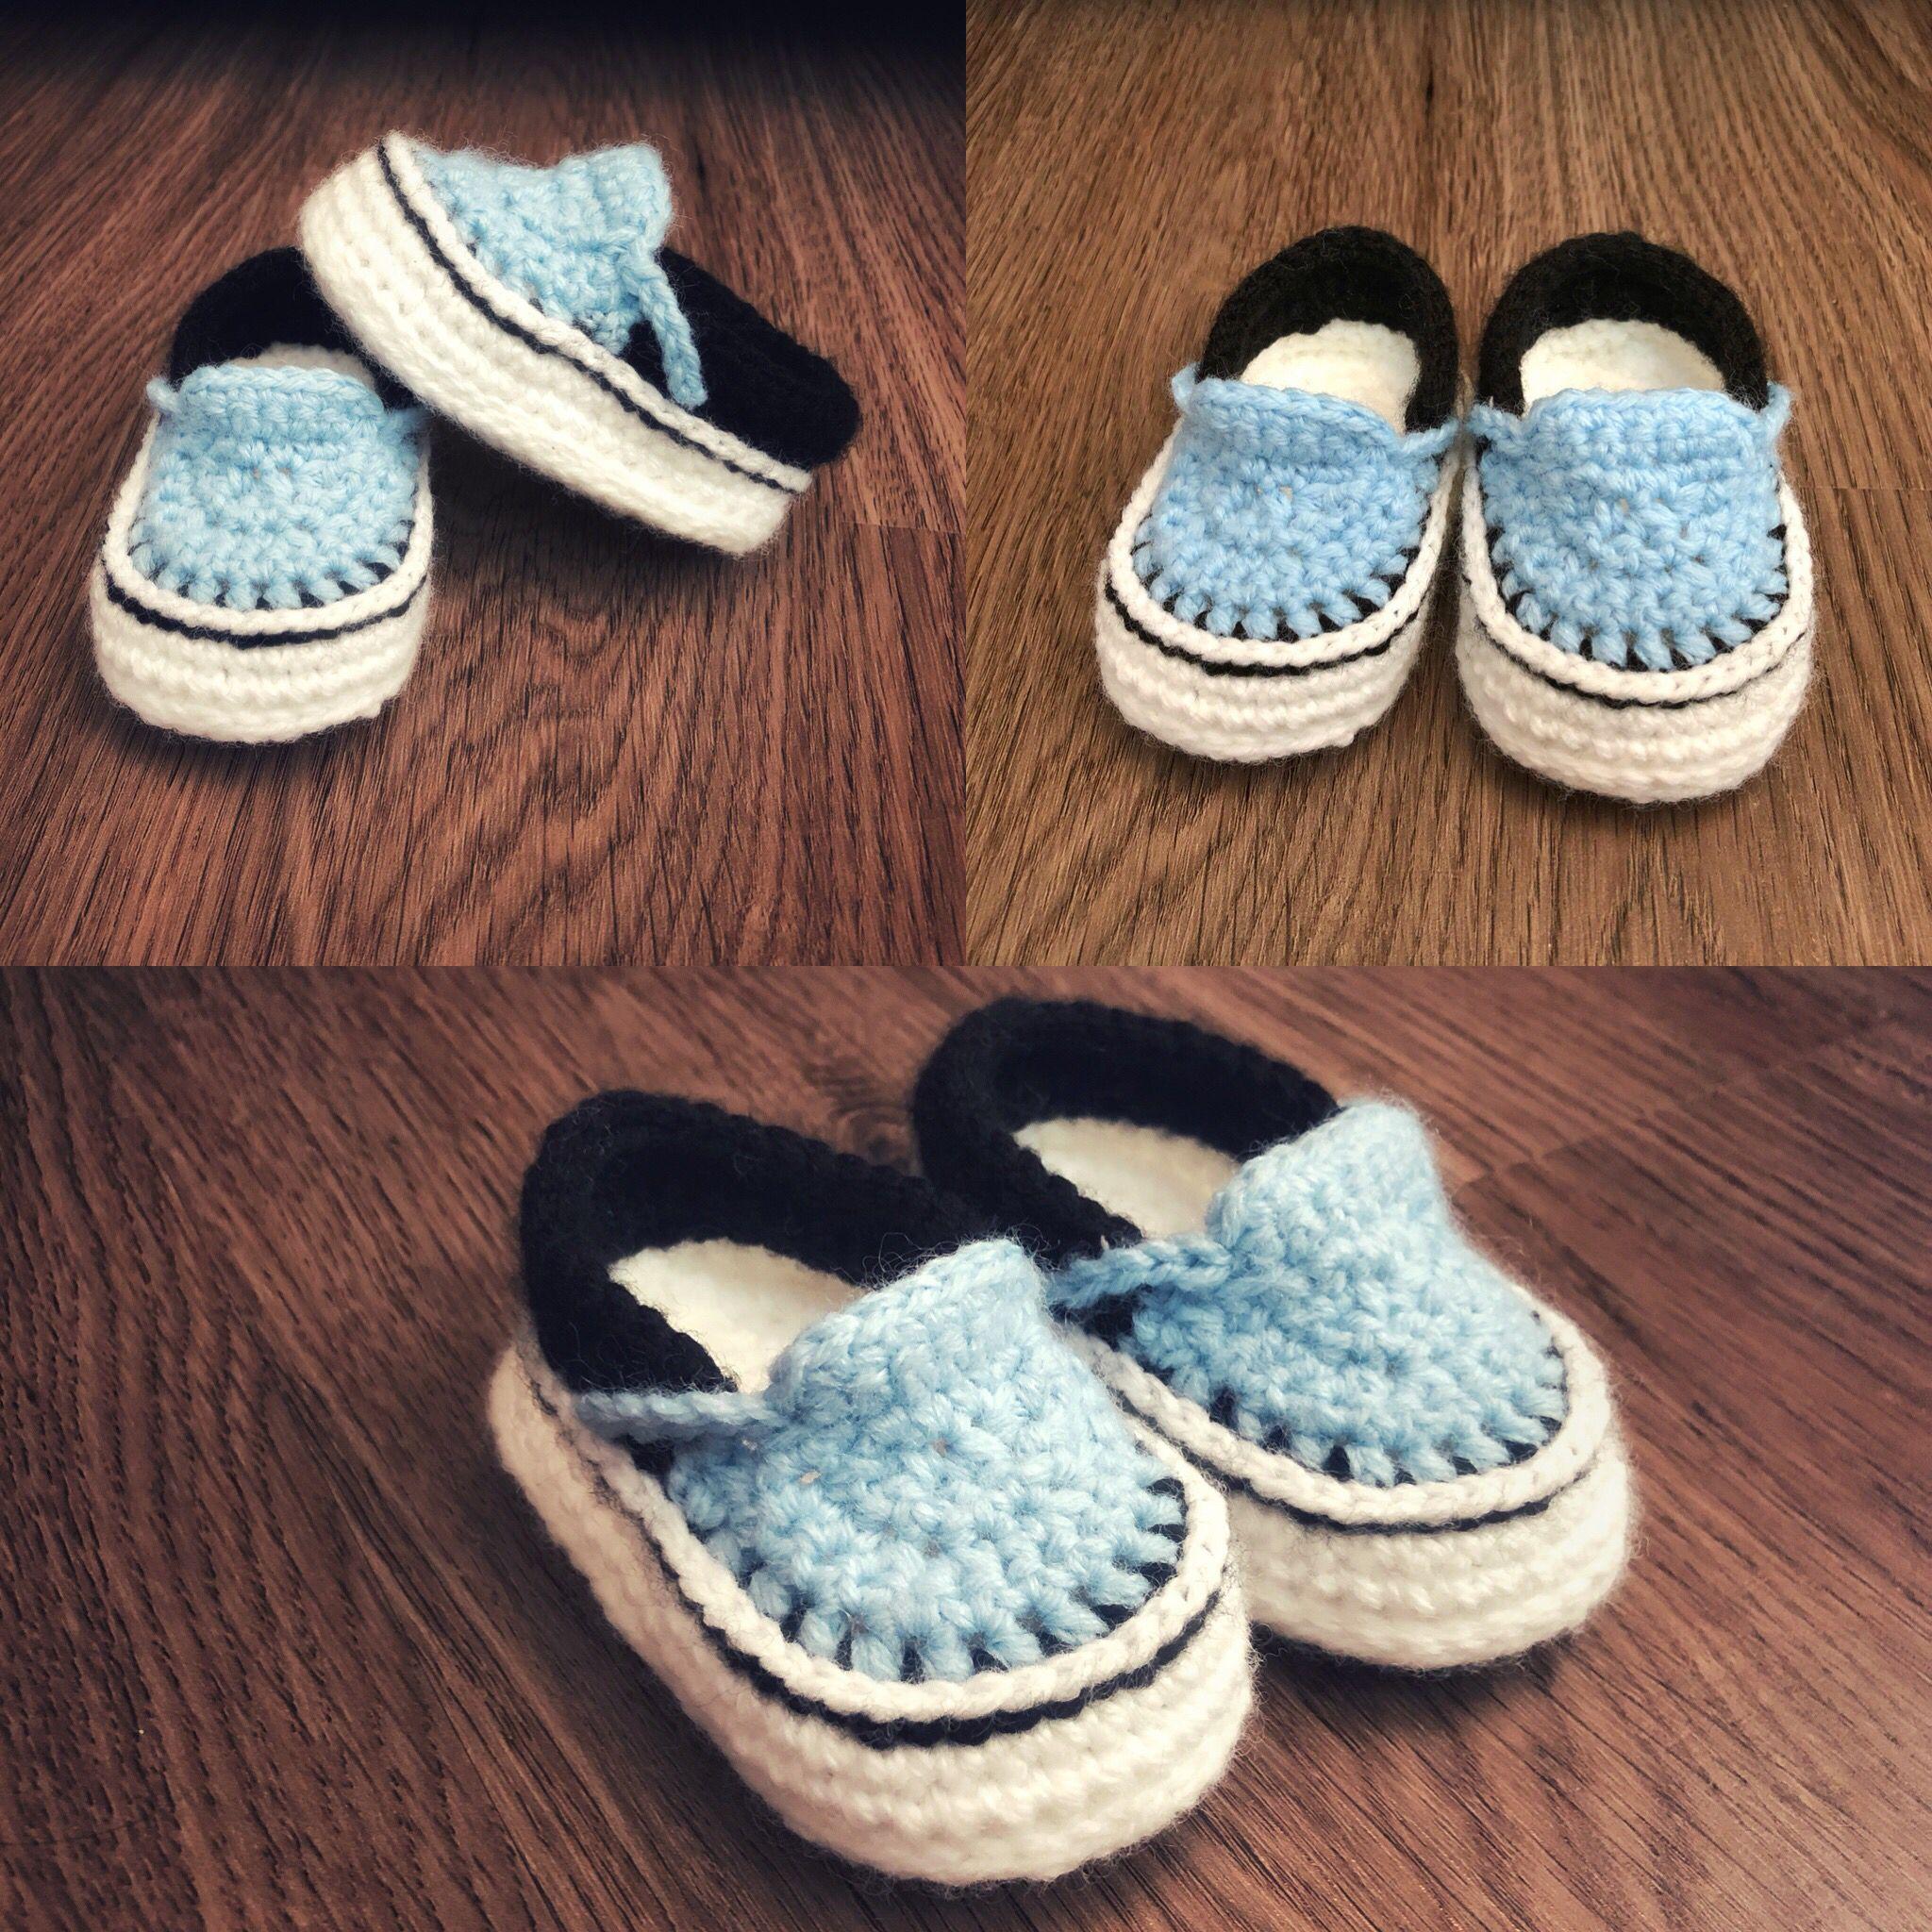 0-3 month vans shoes